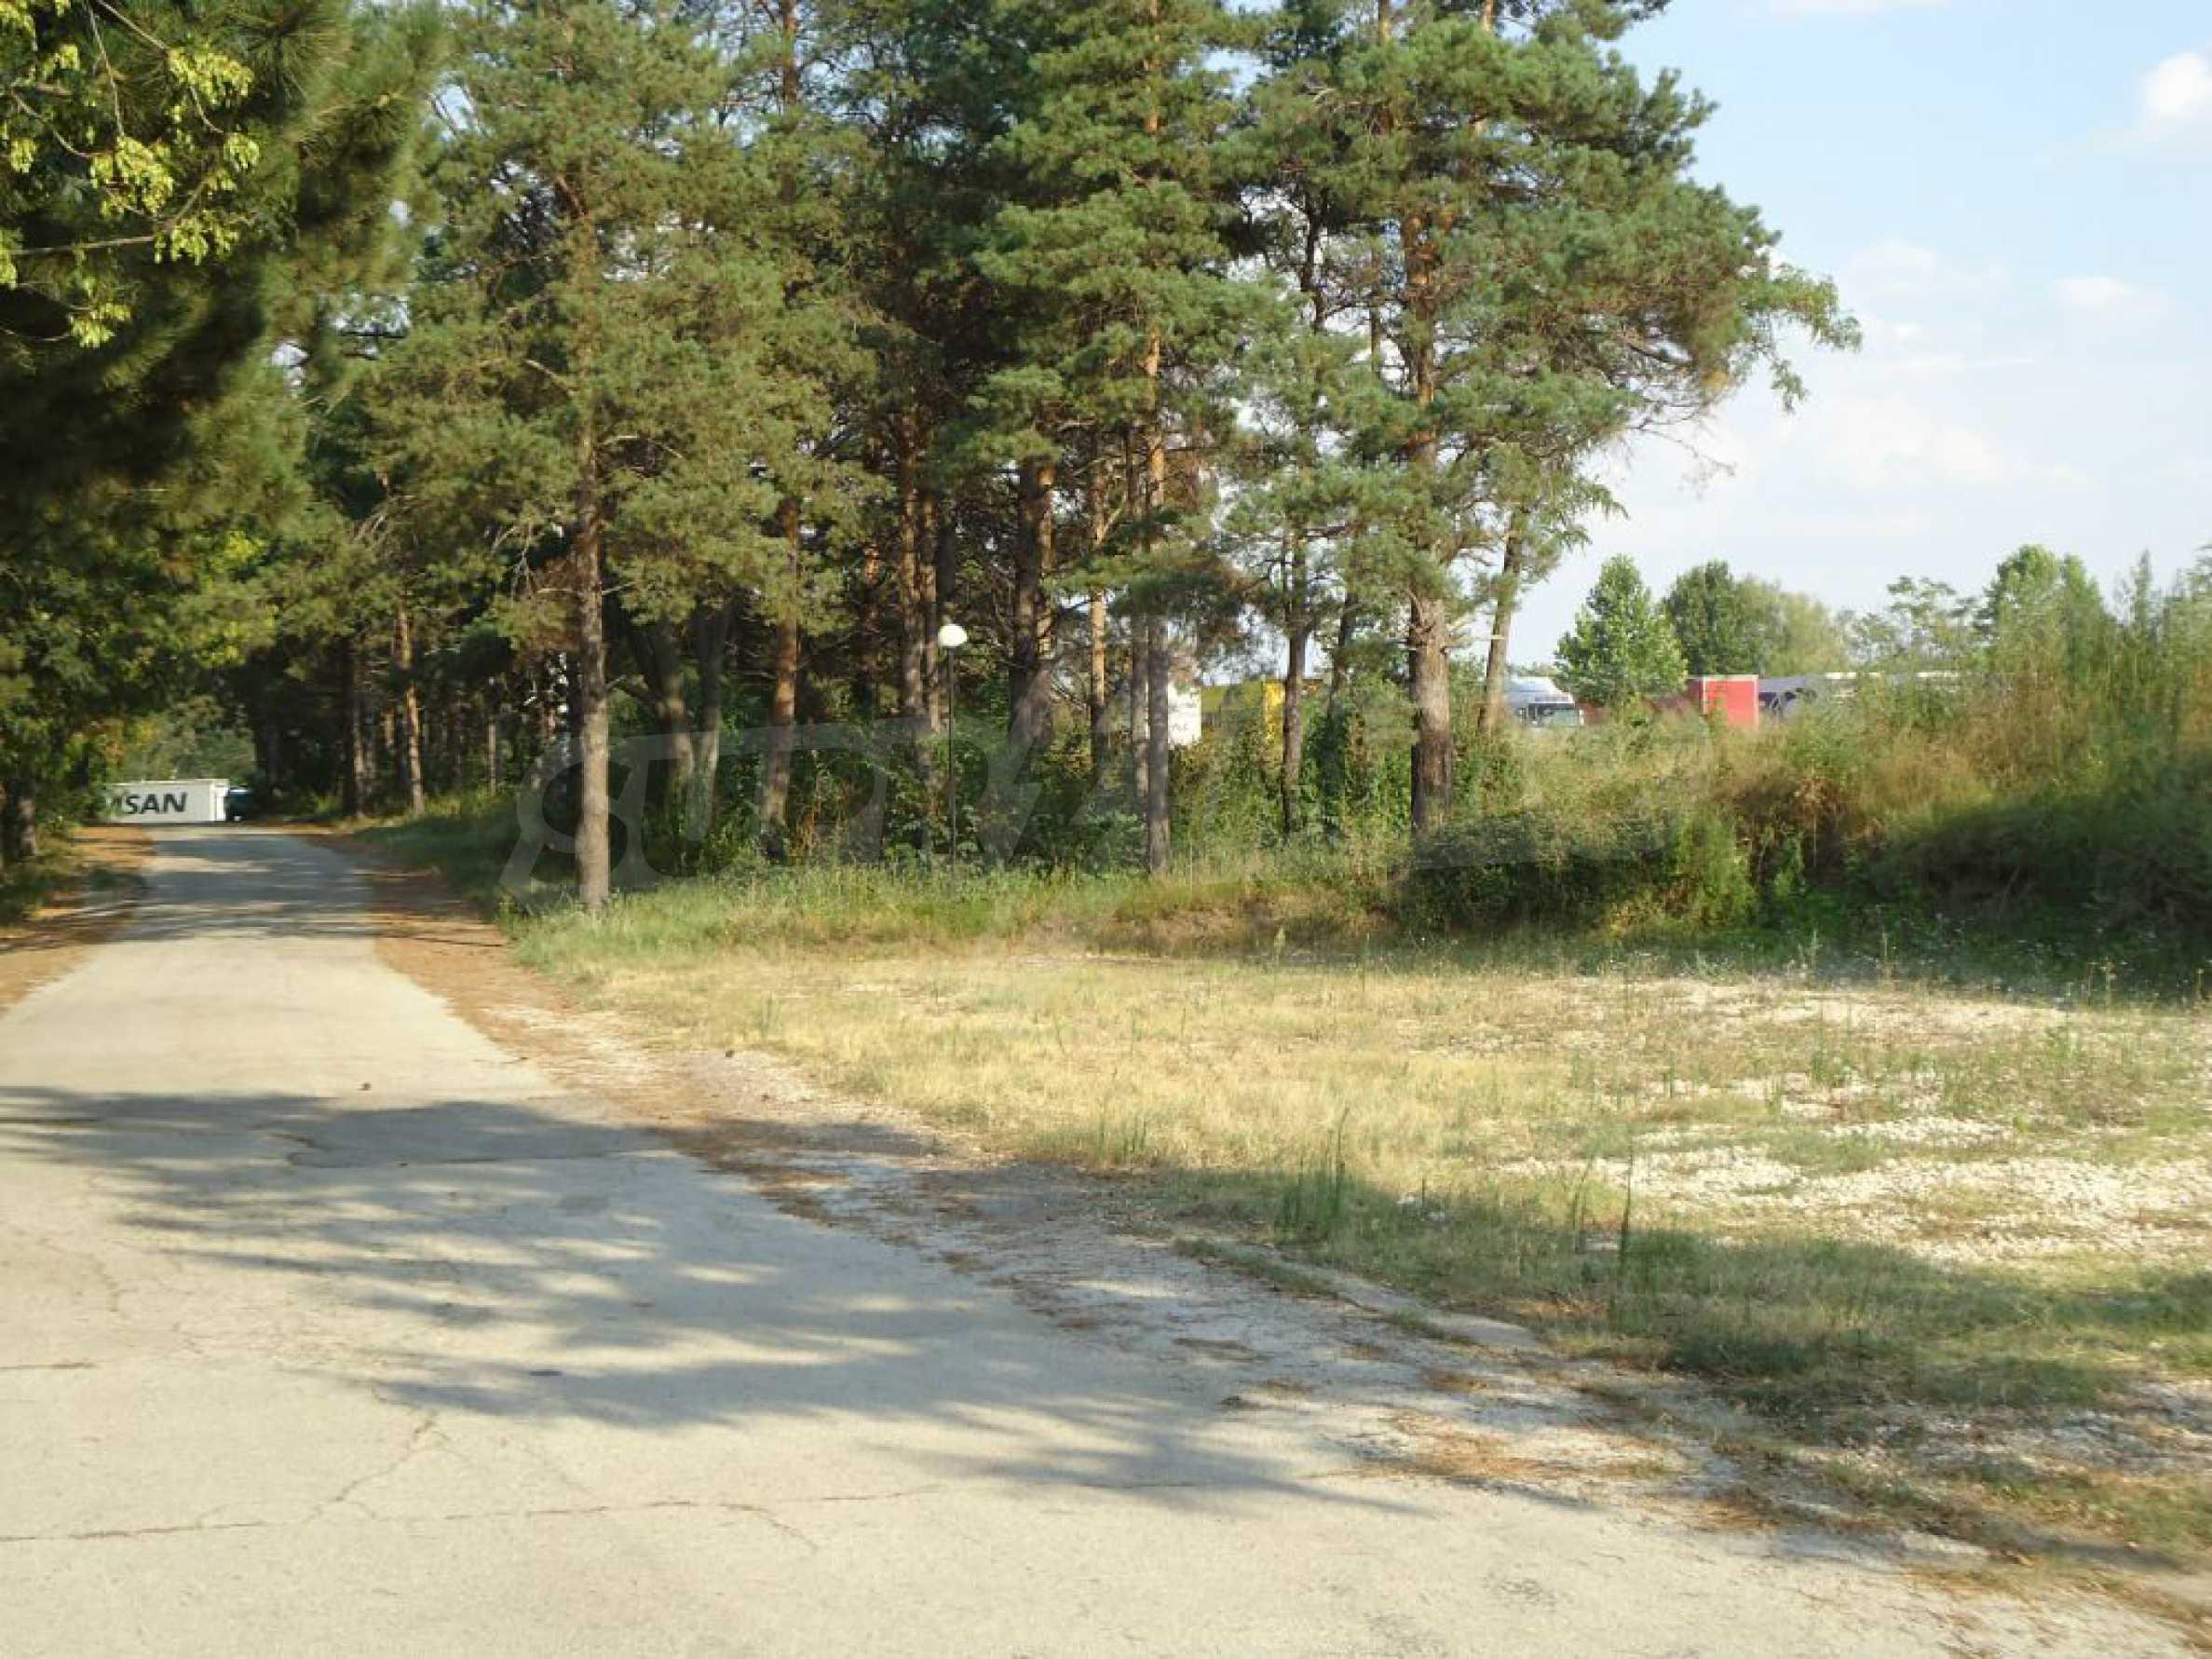 Ackerland in der Nähe der Hauptstraße Rousse-Sofia 1